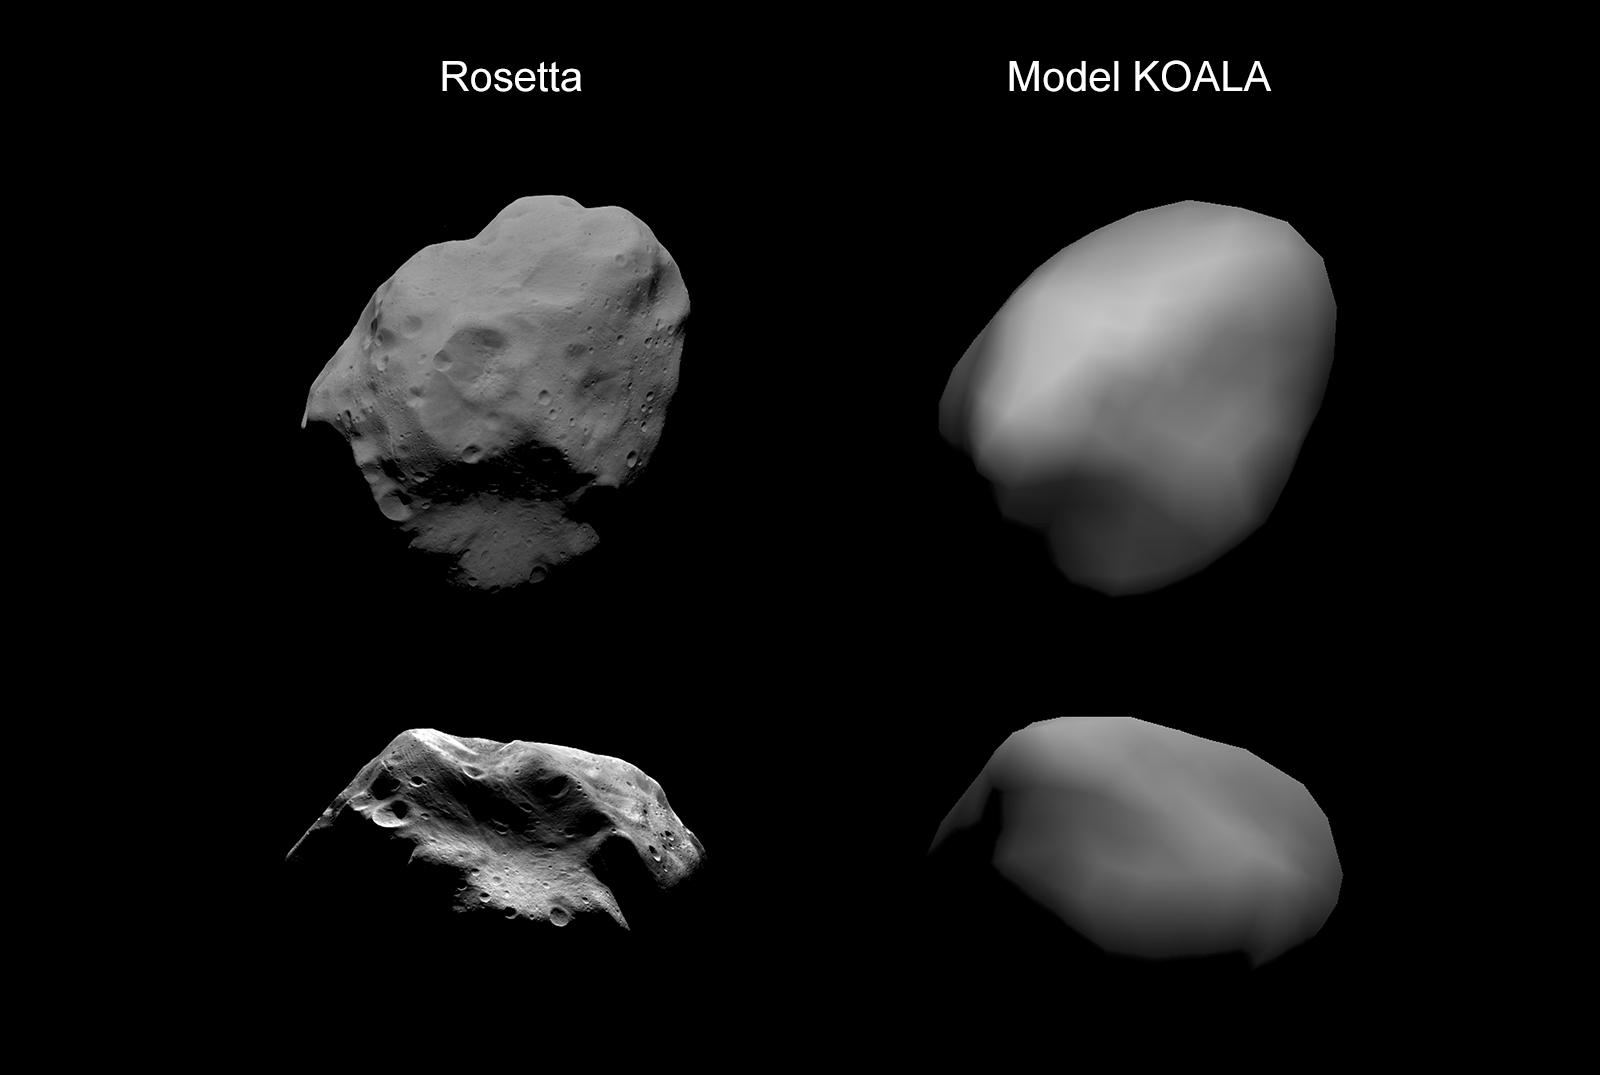 Planetoida (21) Lutetia – w obserwacji bezpośredniej sondy kosmicznej Rosetta (po lewej) oraz jako efekt modelowania bryły planetoidy w oparciu o krzywą blasku (konkretnie: użyty został model o nazwie KOALA). Model przewidział orientację osi obrotu planetoidy z dokładnością do 2 stopni, rozmiar obiektu z dokładnością do 2% (~2 km; Lutetia ma średnicę rzędu 100 km), a objętość bryły z 10% niepewnością. Szczegóły: https://doi.org/10.1016/j.pss.2011.12.018. Fot.: ESA.